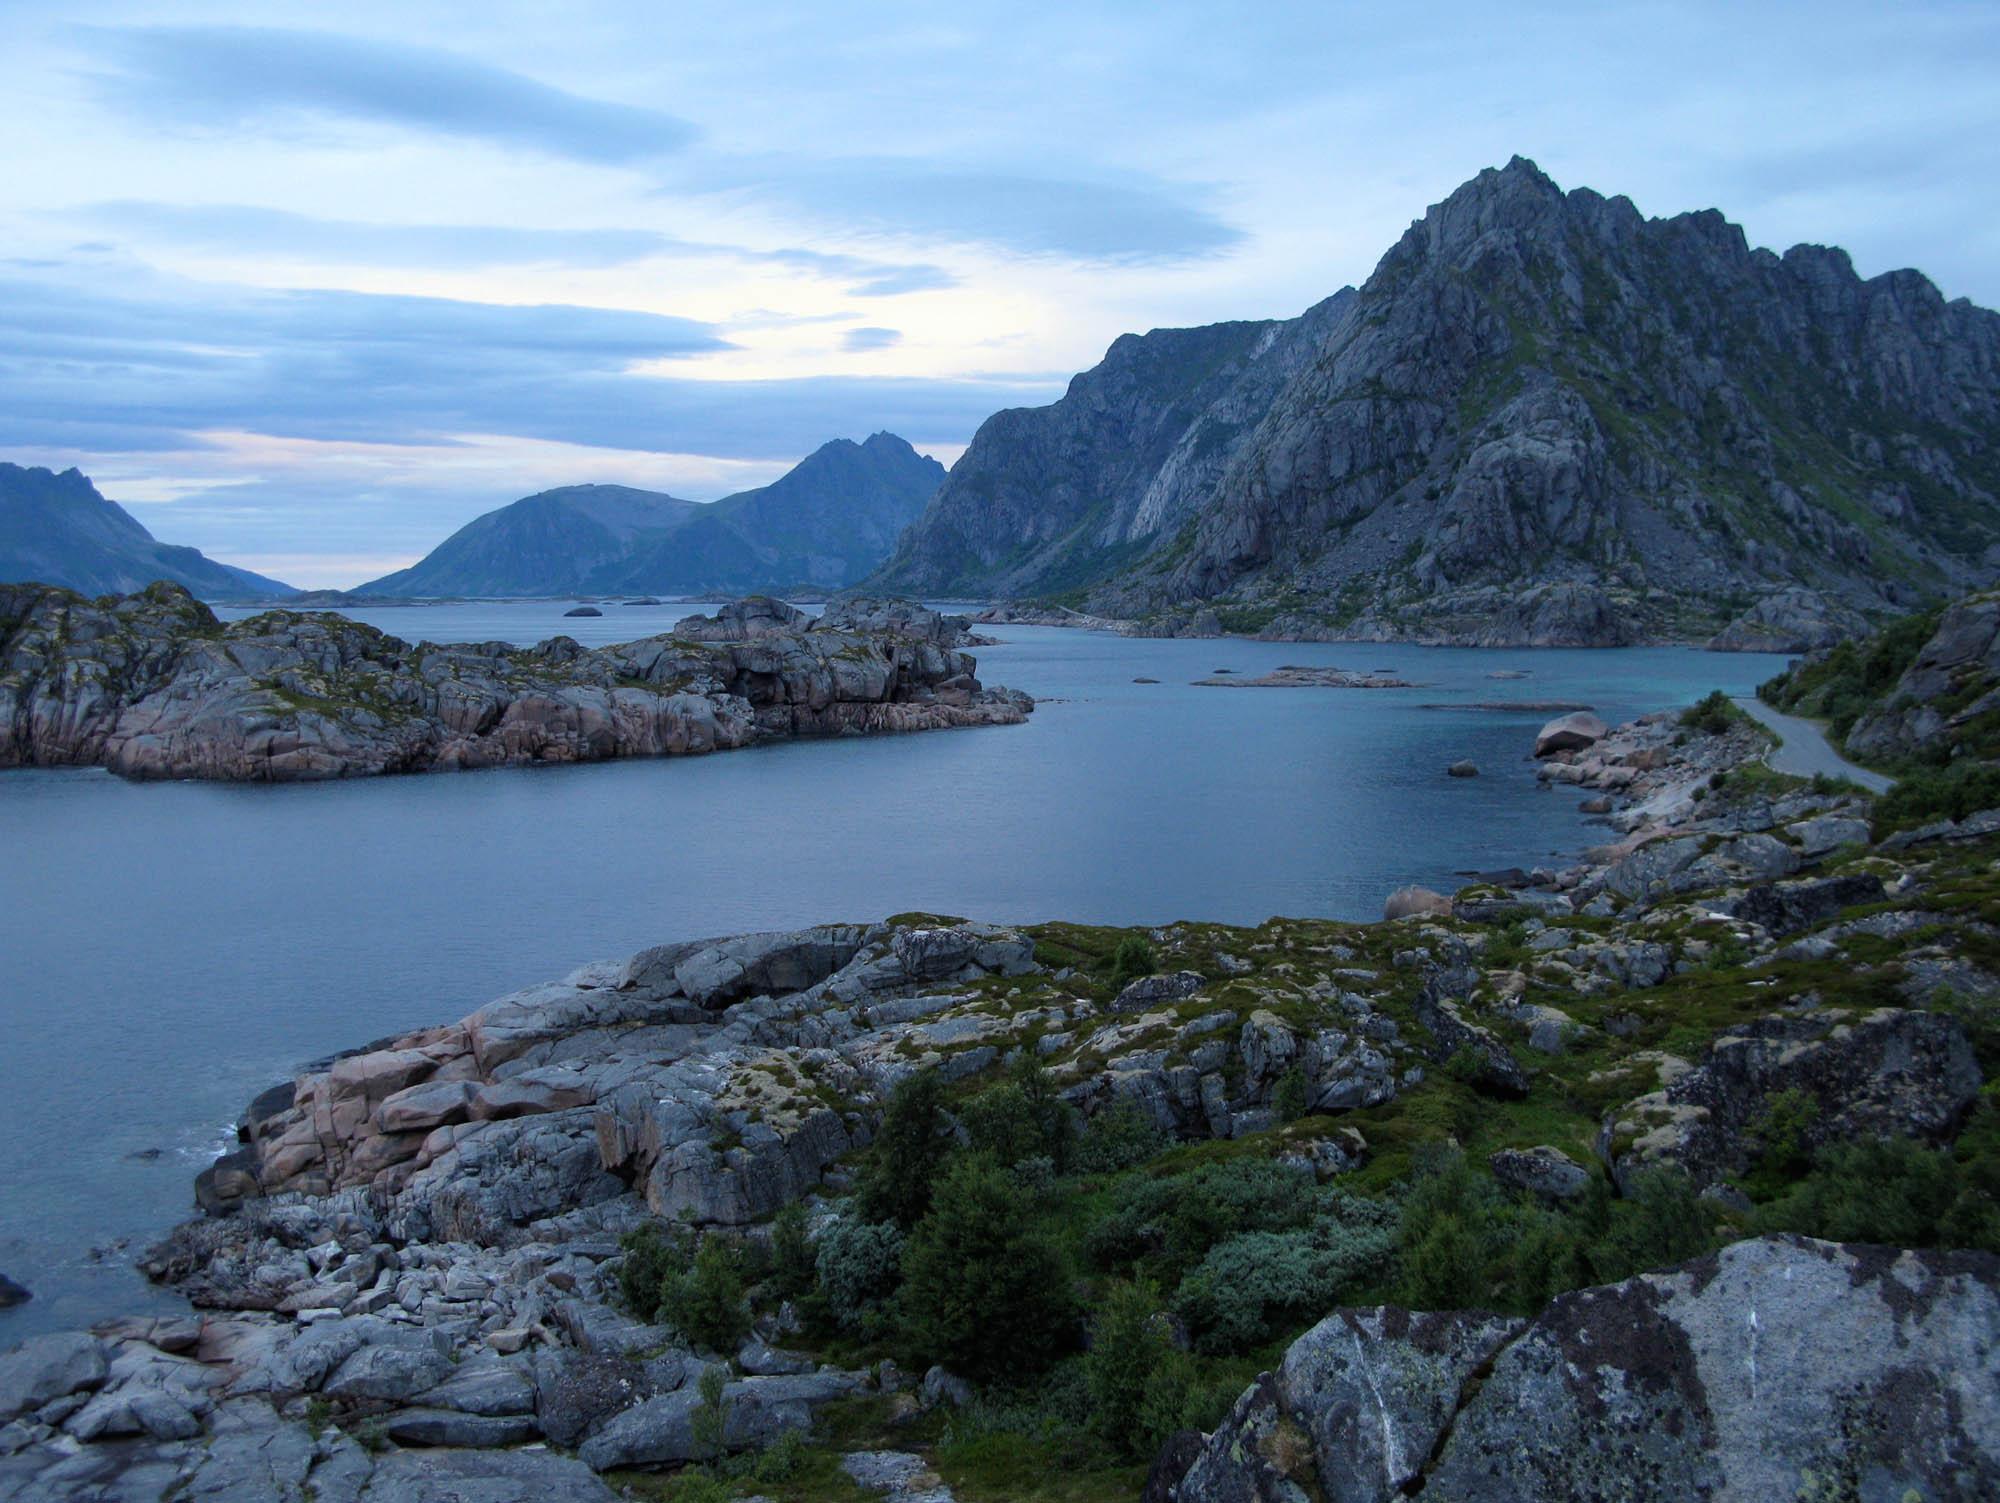 norwegen-lofoten-abend-small